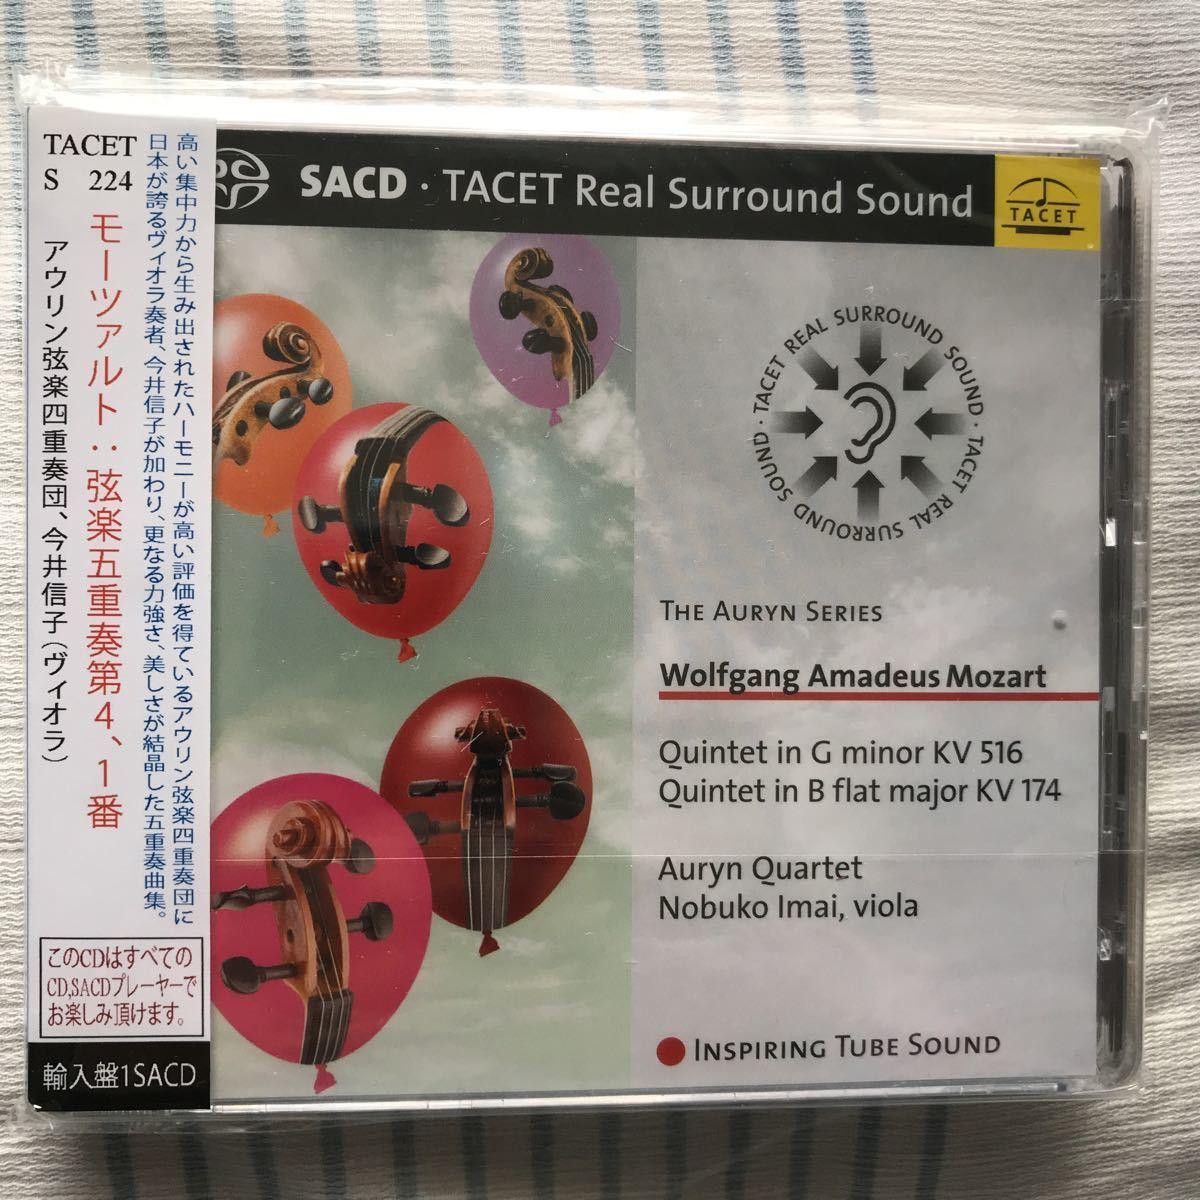 名盤 hybrid SACD モーツァルト 弦楽五重奏曲 第1番 第4番 アウリン四重奏団 今井信子_画像1